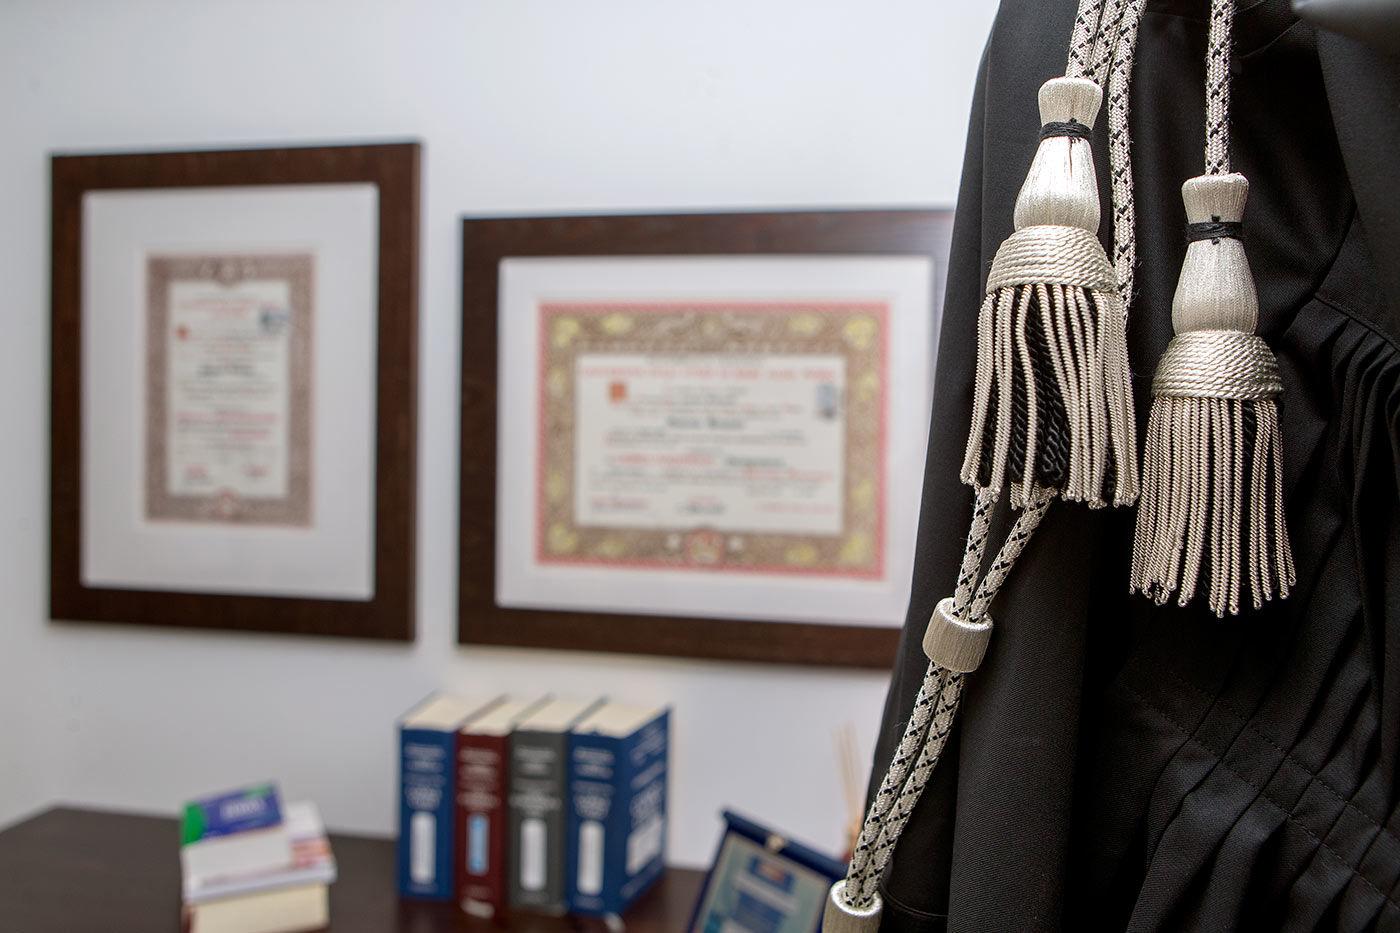 avvocato penalista specchia